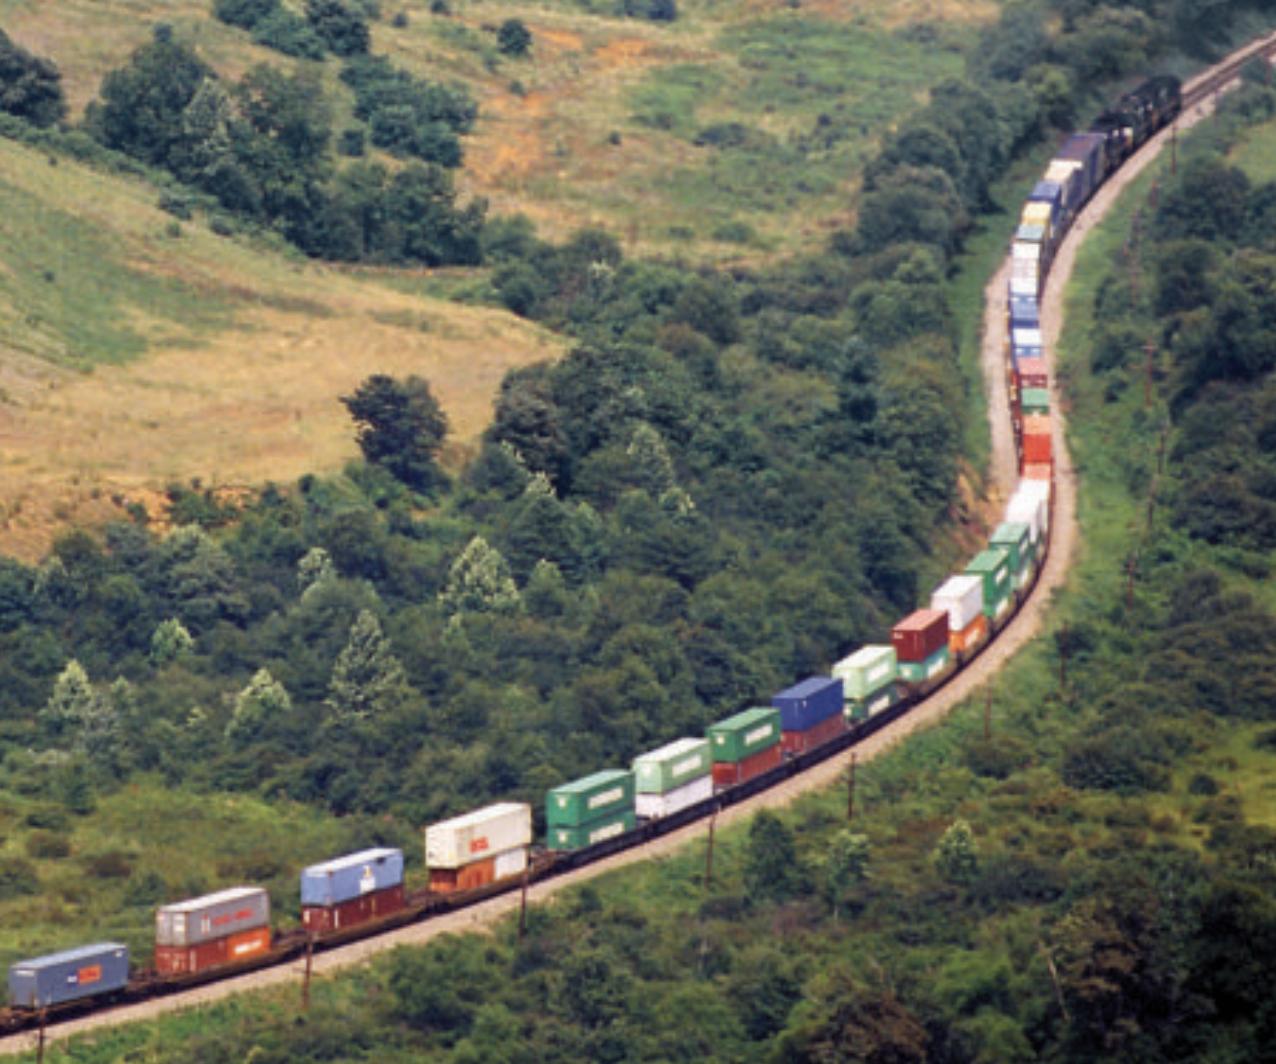 railroad-Screen-Shot-2021-05-26-at-1.29.45-PM.png